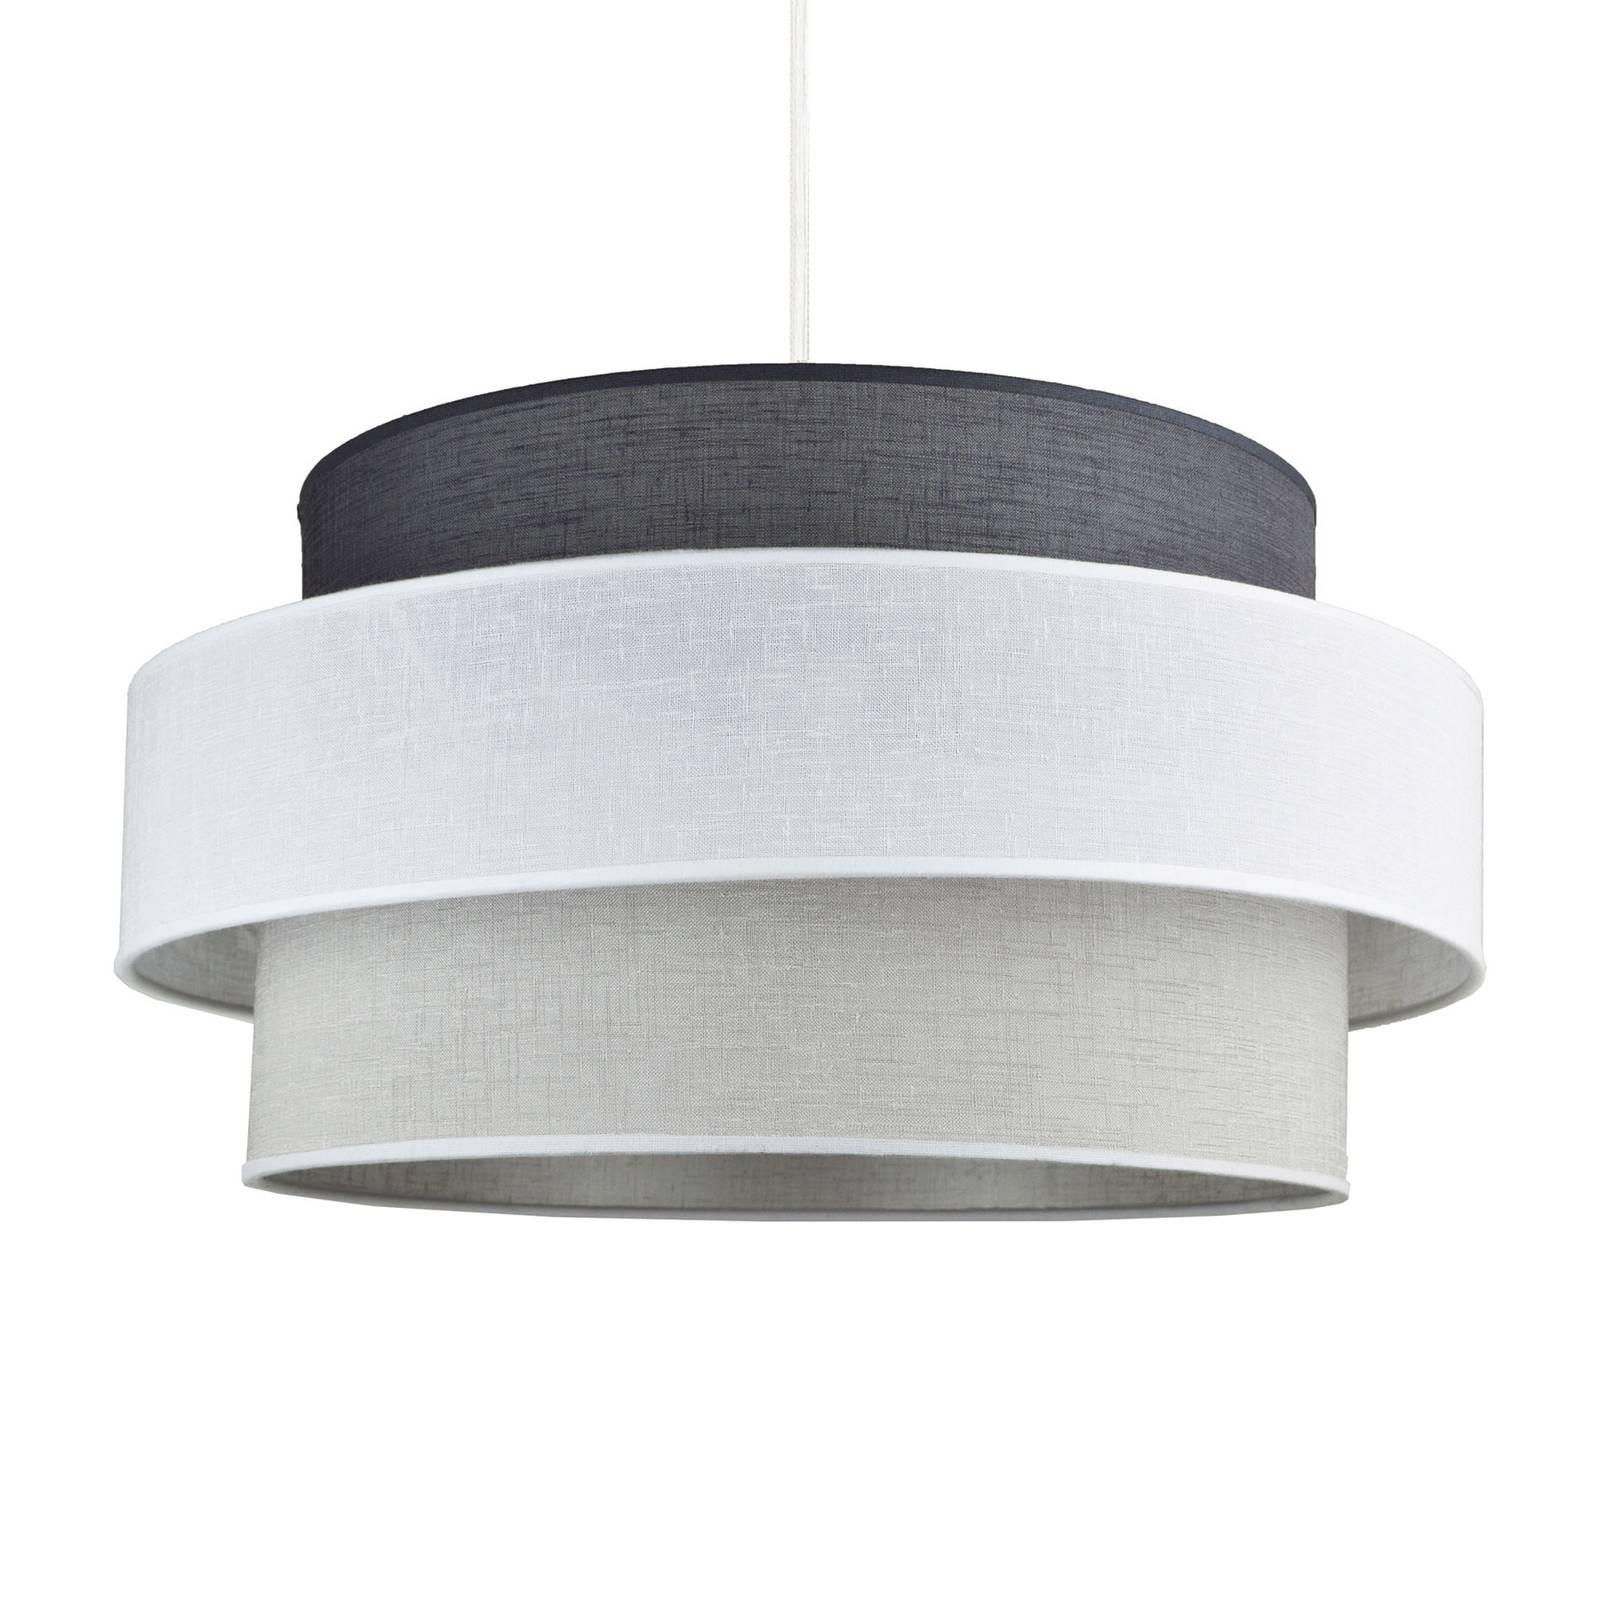 Hanglamp Space, wit/grijs/antraciet